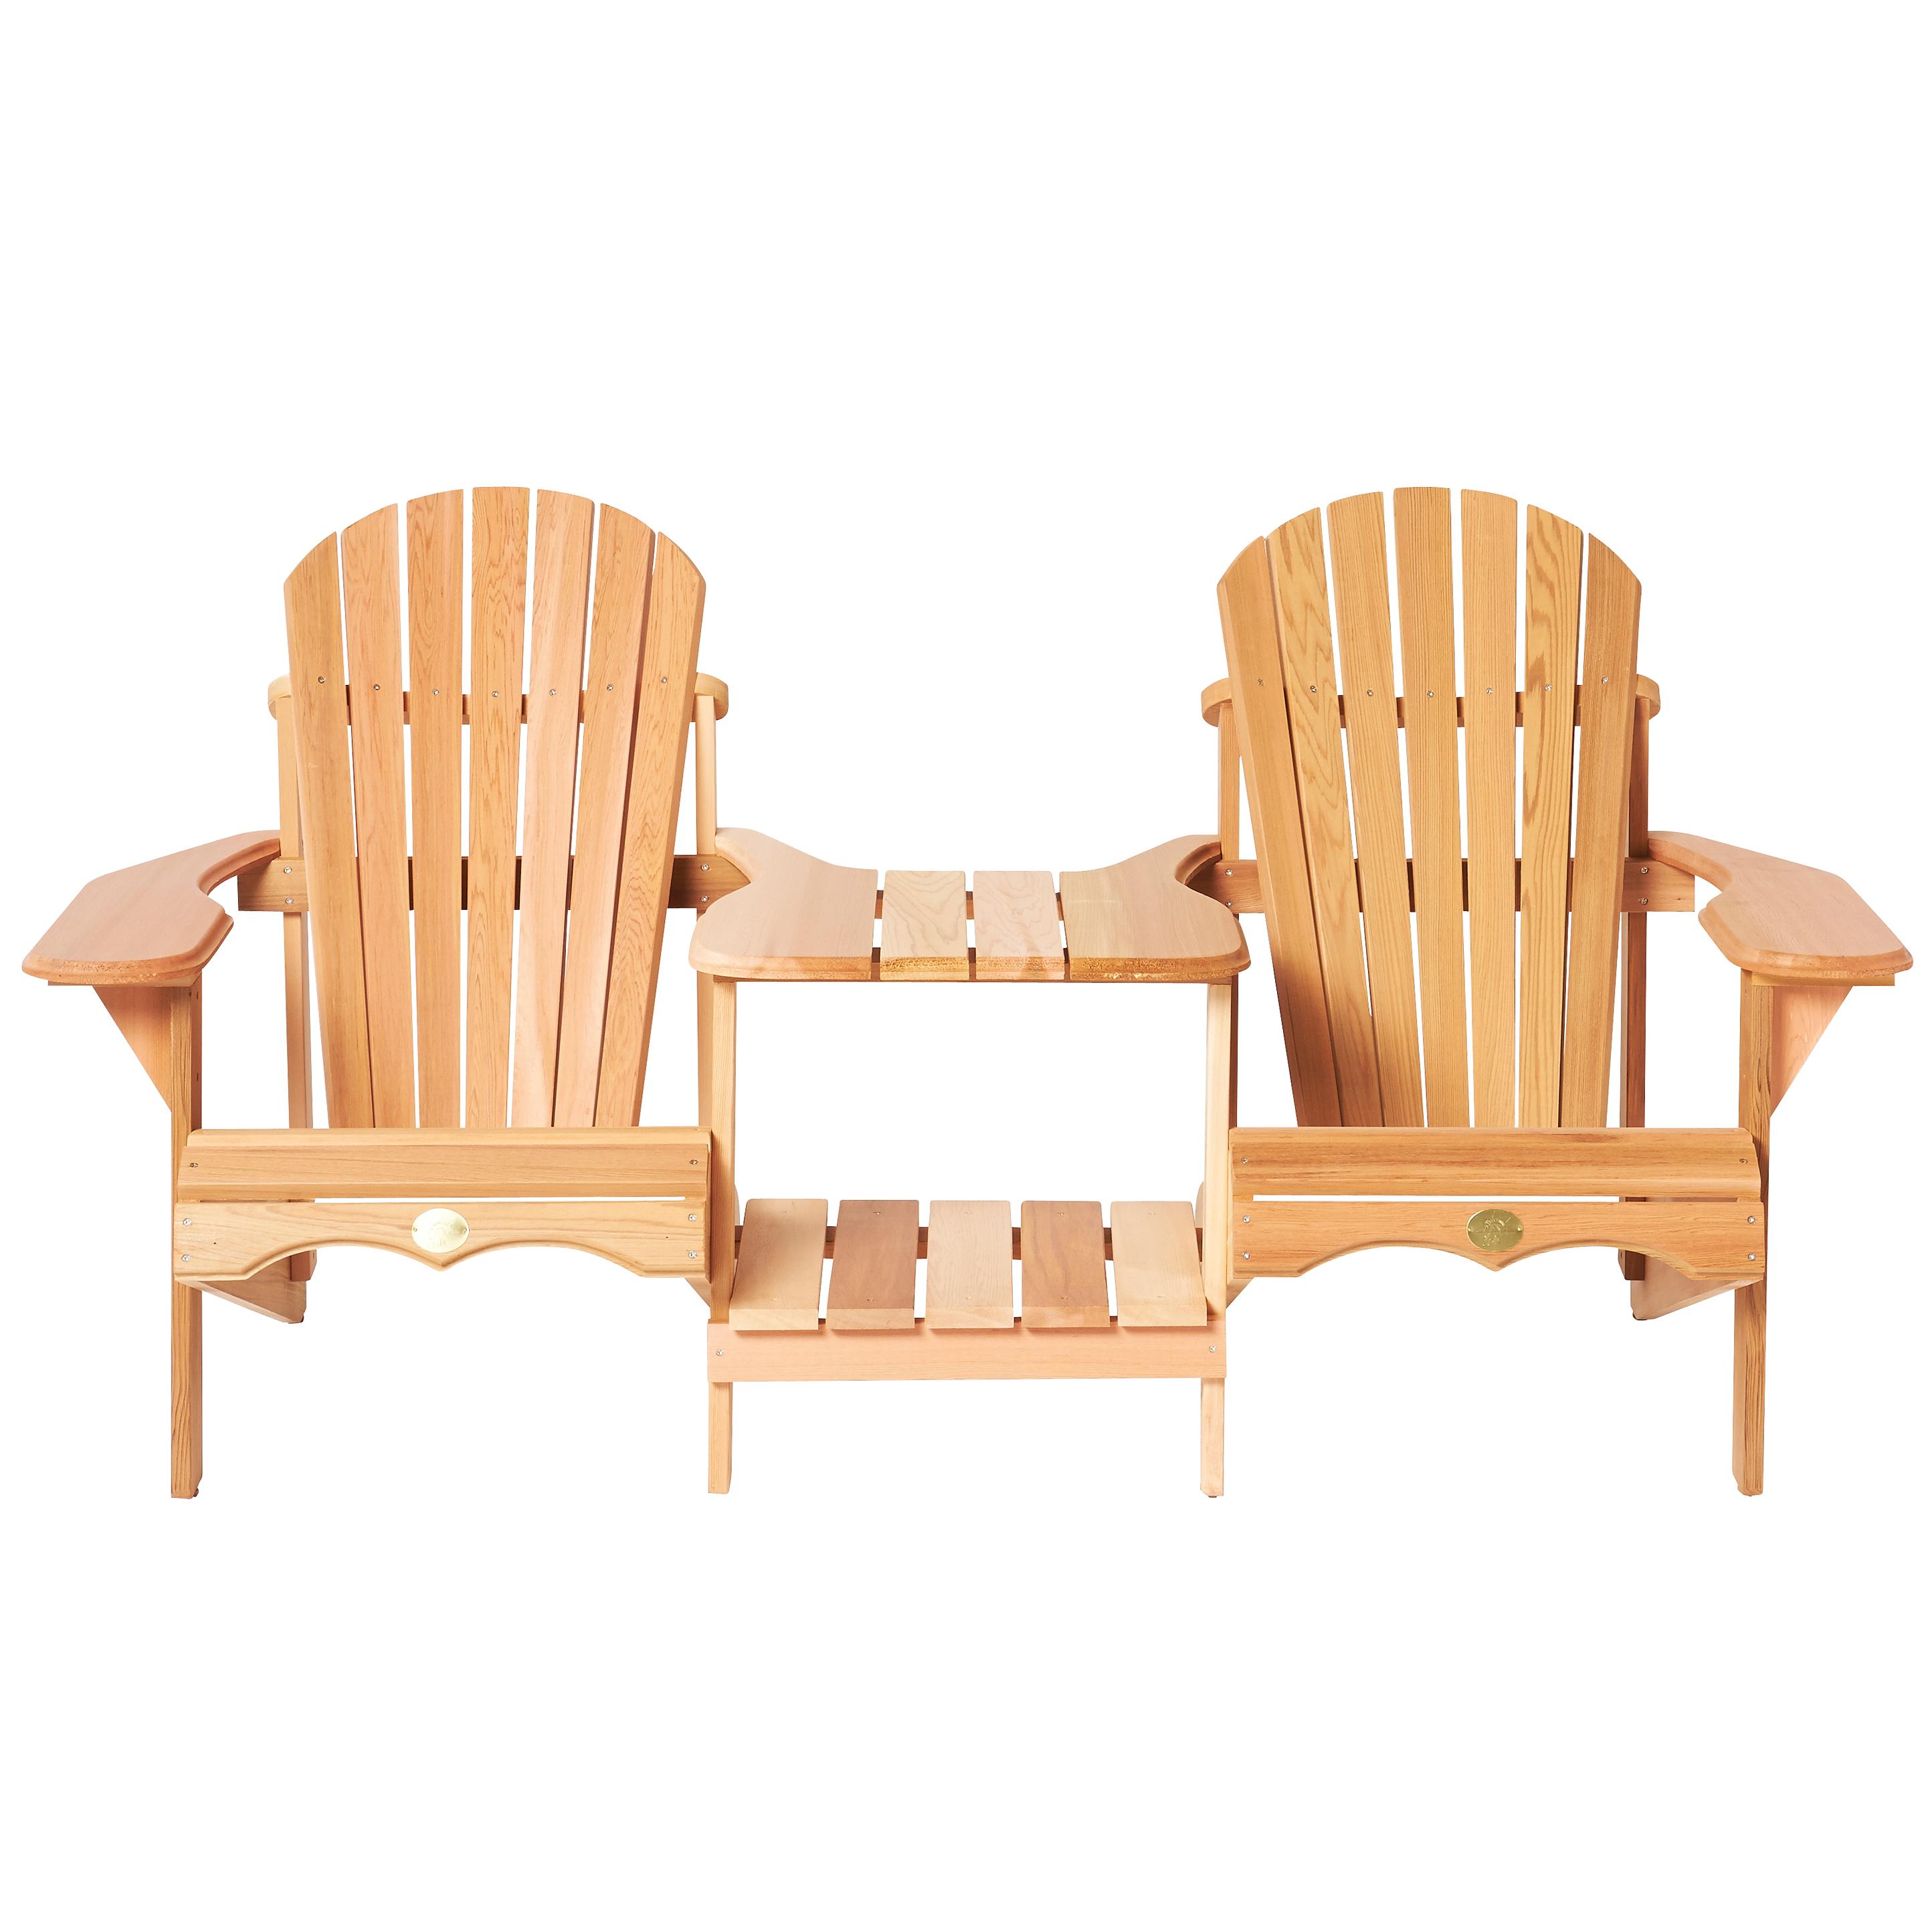 Bear Chair Tête-à-tête / Päärchen-Sitz BC900C, gerade